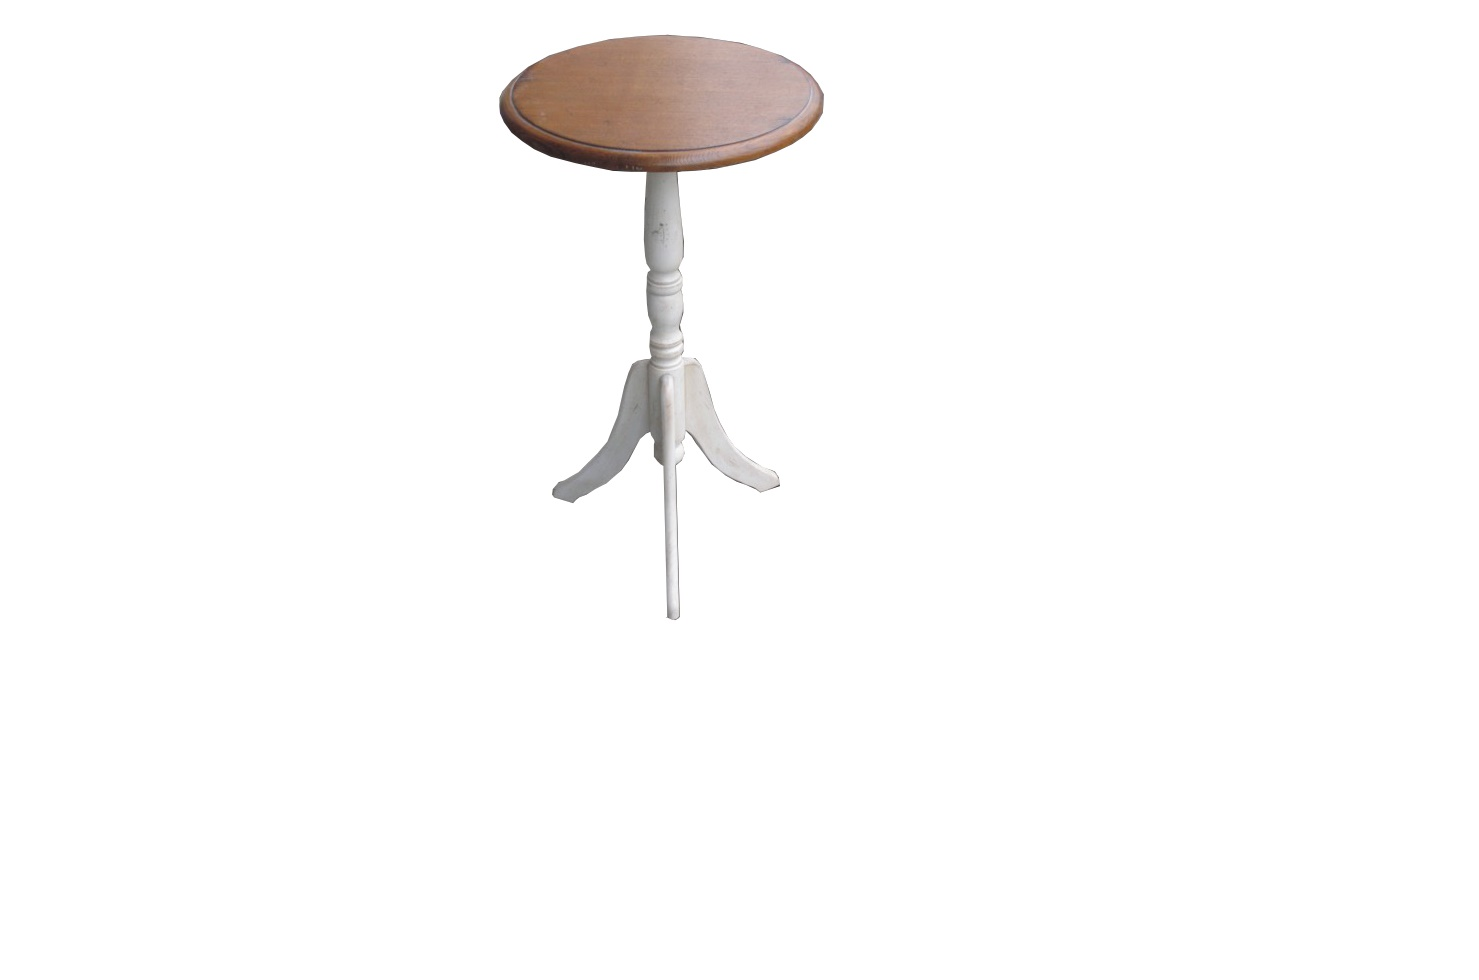 Столик Blanc bonbonПриставные столики<br>&amp;quot;Blanc&amp;amp;nbsp;Bonbon&amp;quot; ? великолепный приставной столик, оформленный в стиле прованс. Его отличает лаконичный дизайн, украшением которого служат лишь резные ножки. Они выполнены в изысканном белом цвете. Столешница карамельного оттенка прекрасно смотрится на этом утонченном основании.&amp;lt;br&amp;gt;&amp;lt;div&amp;gt;&amp;lt;br&amp;gt;&amp;lt;/div&amp;gt;&amp;lt;div&amp;gt;Материал: массив березы&amp;lt;/div&amp;gt;<br><br>Material: Дерево<br>Высота см: 68